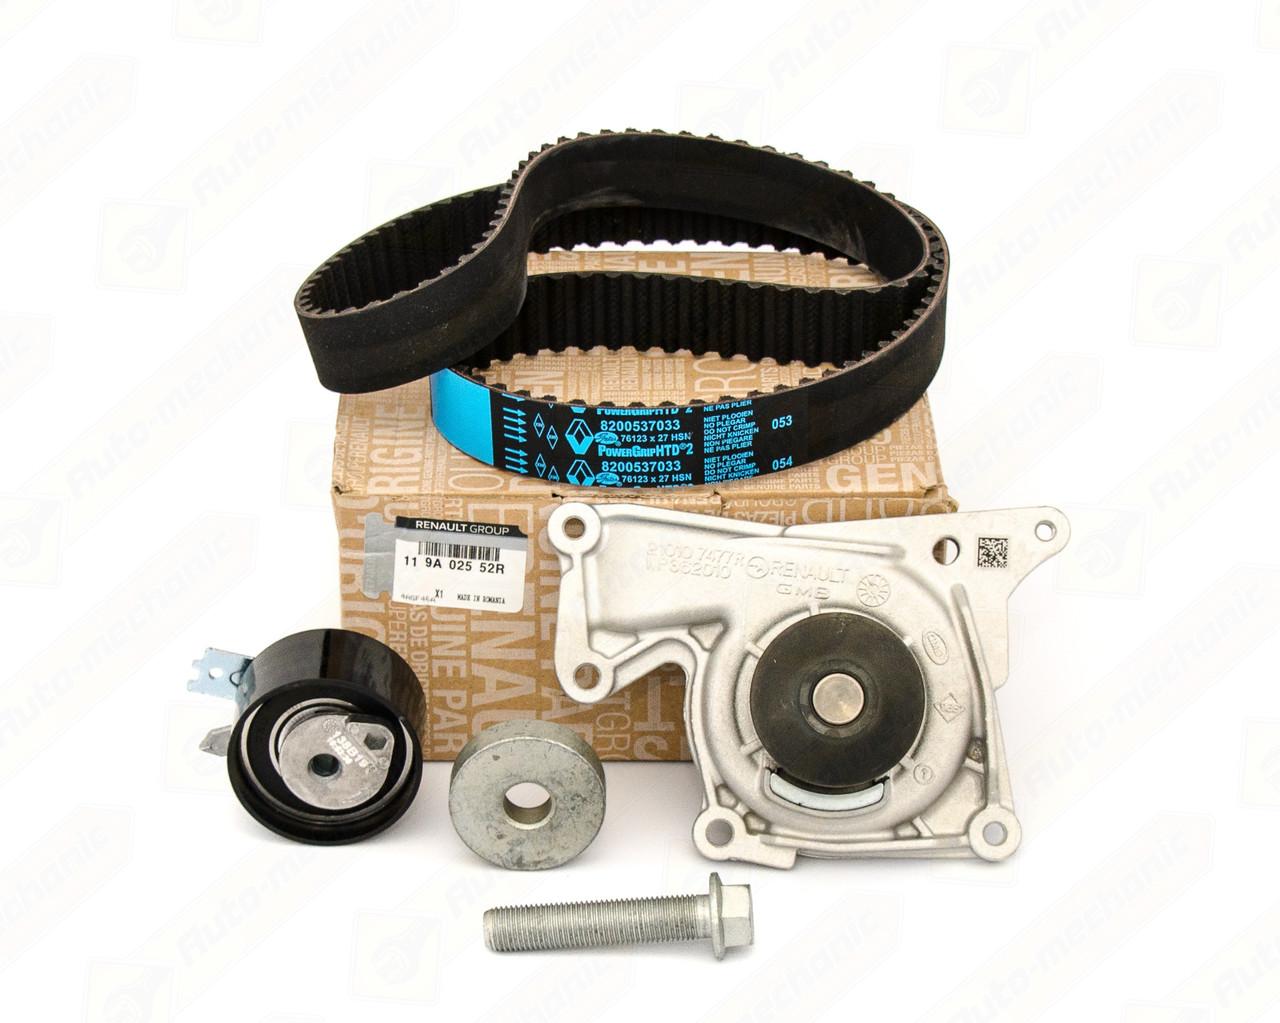 Комплект натягувач + ремінь ГРМ на Renault Logan II 2012-> 1.5 dCi — Renault (Оригінал) - 119A02552R